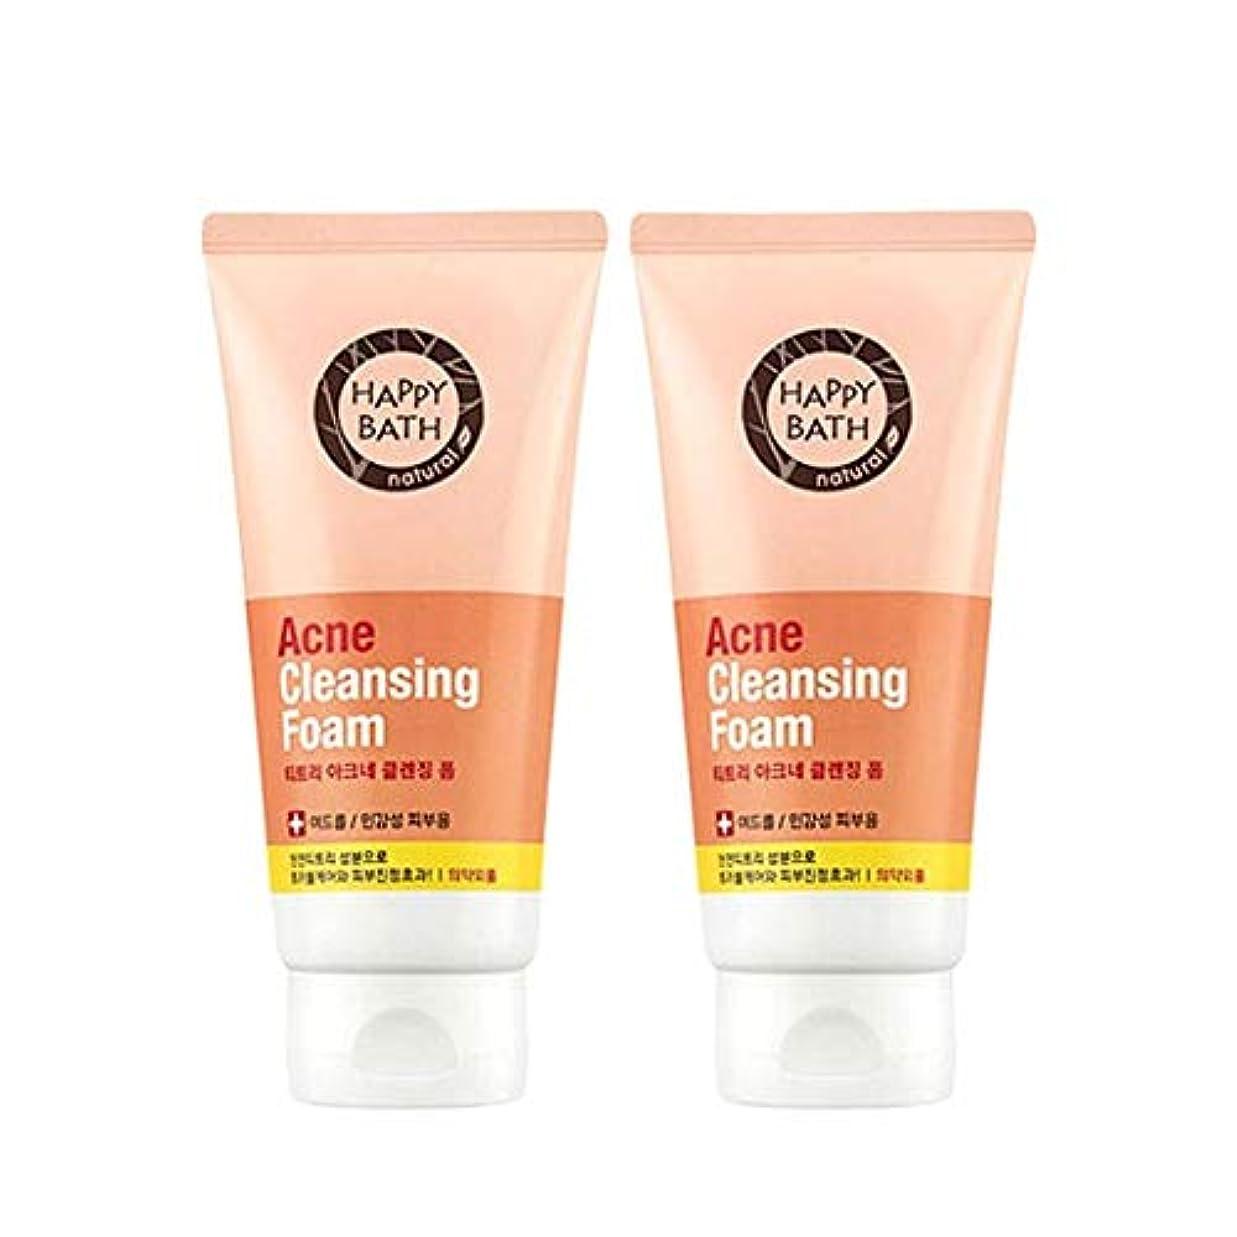 信頼性のある好意的プログラムハッピーバスティーツリーアクネクレンジングフォーム175gx2本セット韓国コスメ、Happy Bath Acne Cleansing Foam 175g x 2ea Set Korean Cosmetics [並行輸入品]